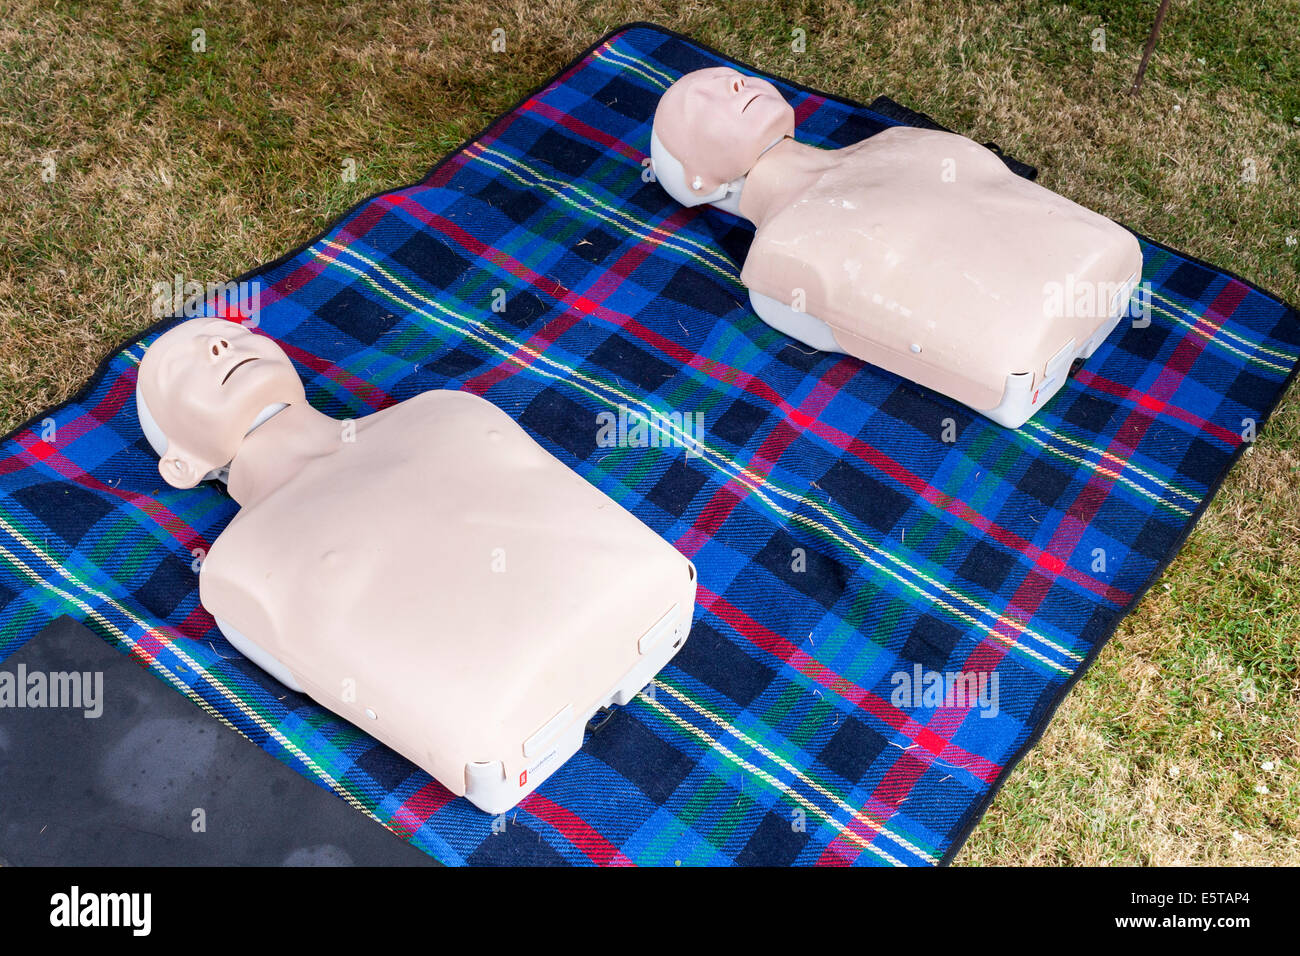 Manichini per la rianimazione o manichini per CPR prevista su una coperta per la formazione di primo soccorso. Immagini Stock